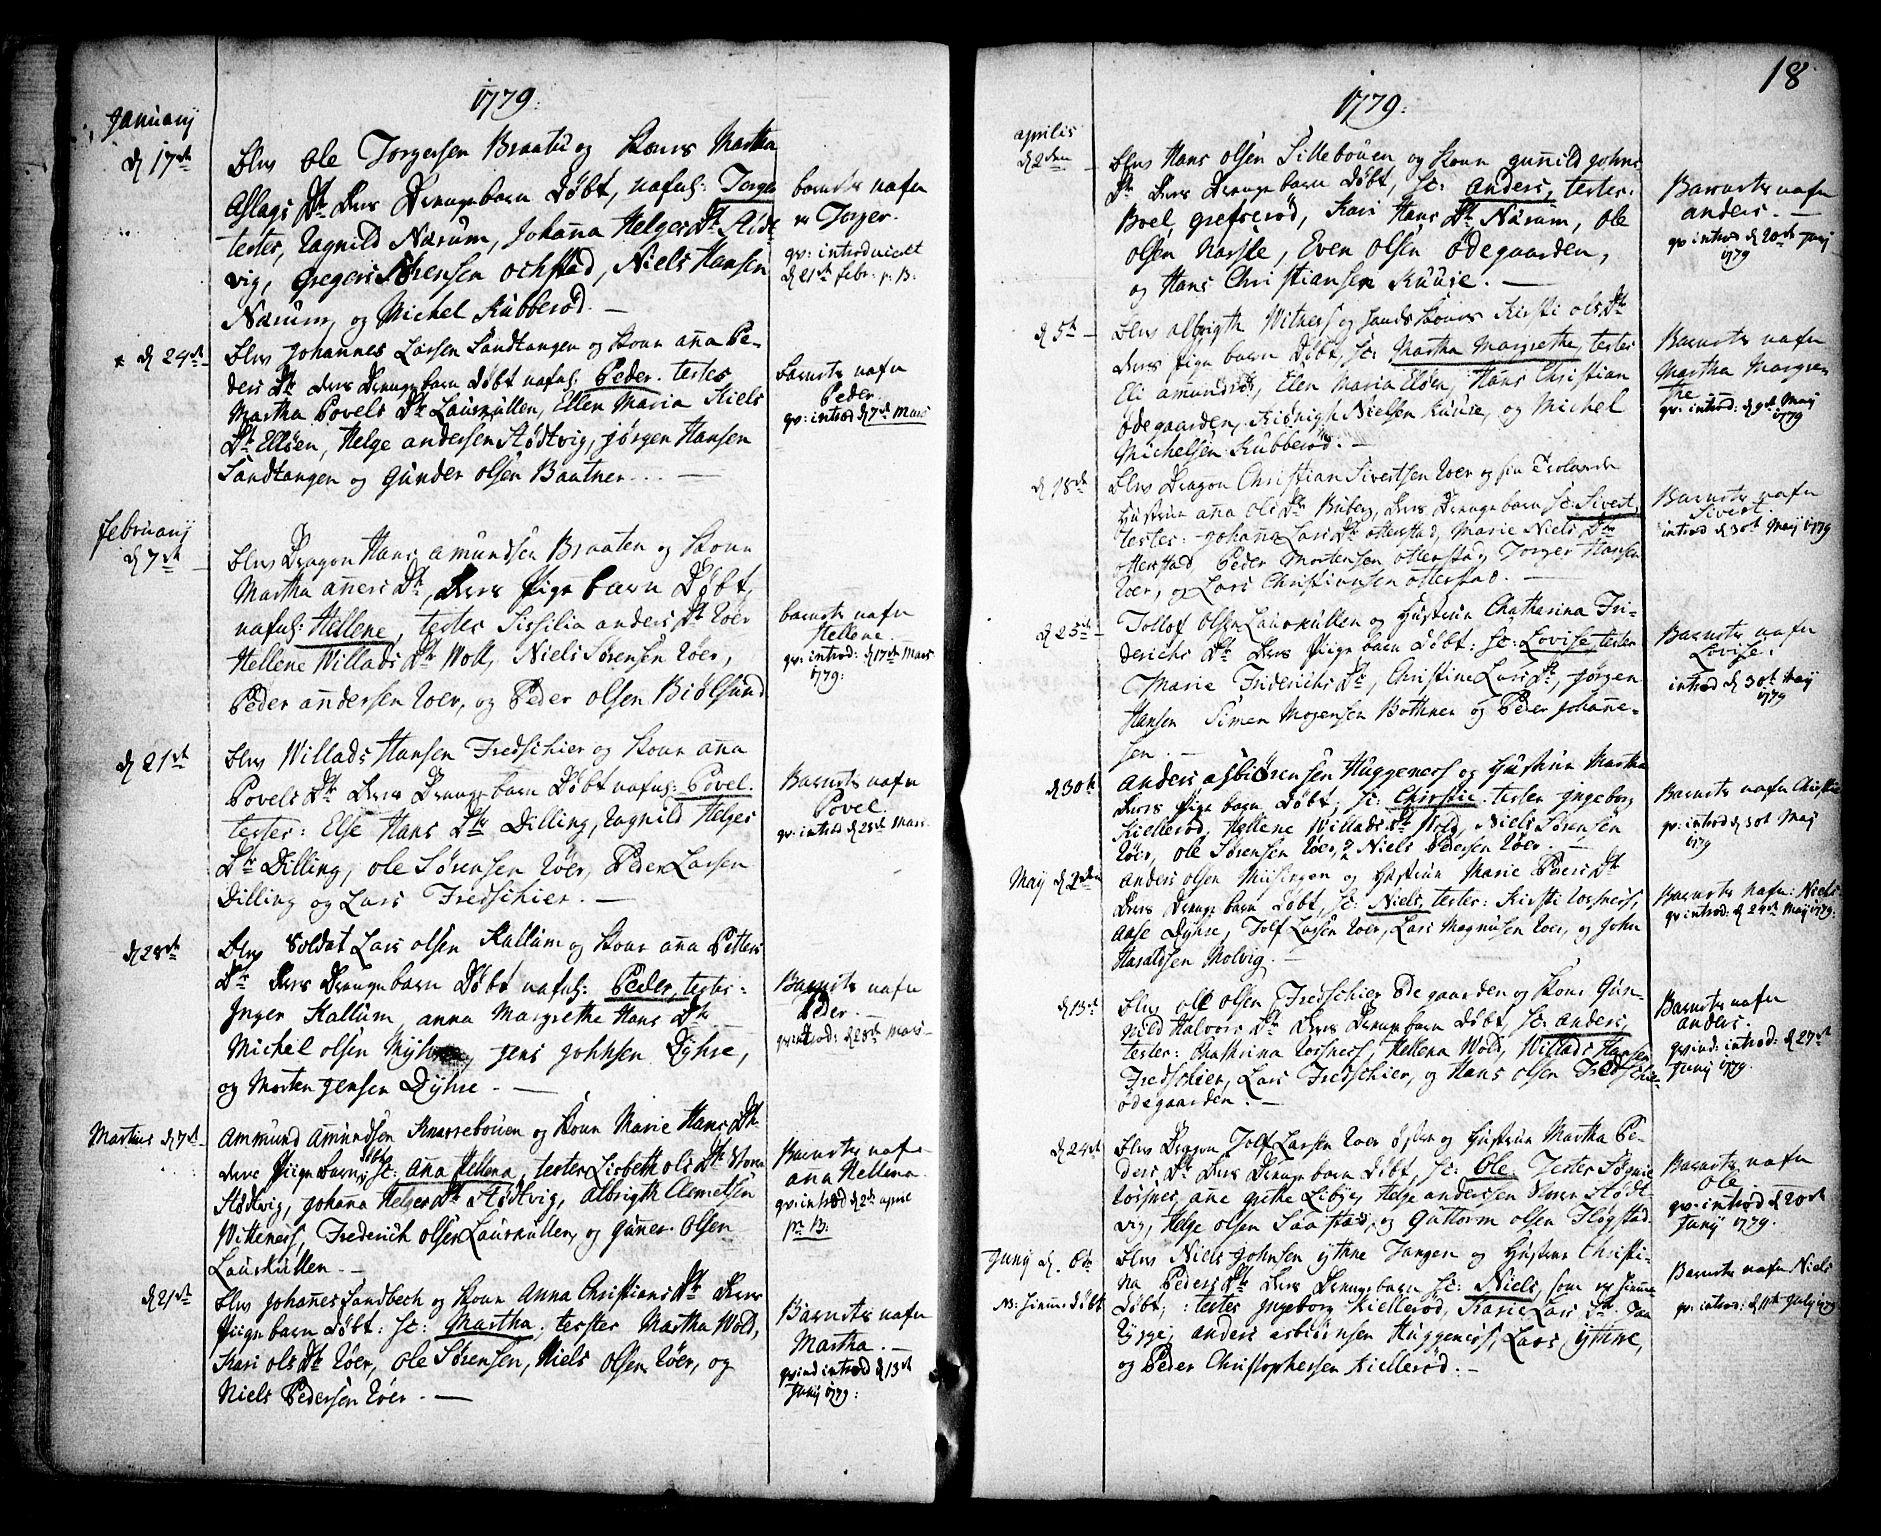 SAO, Rygge prestekontor Kirkebøker, F/Fa/L0002: Ministerialbok nr. 2, 1771-1814, s. 18